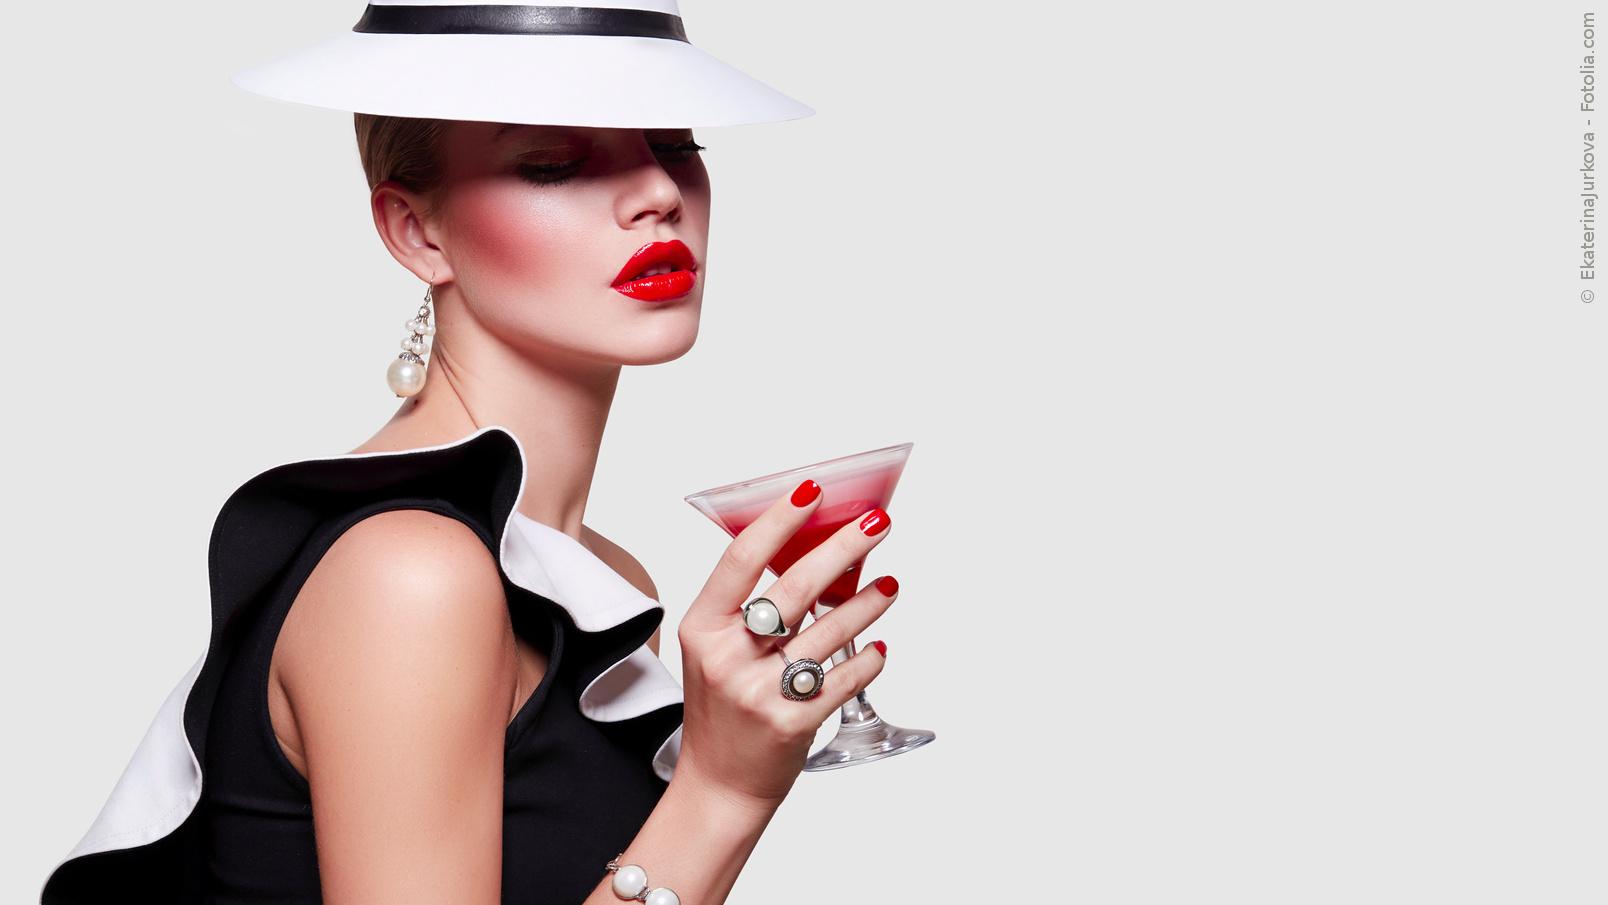 Frau im Partykleid mit Cocktail, Hut und Accesoires | © EkaterinaJurkova - Fotolia.com